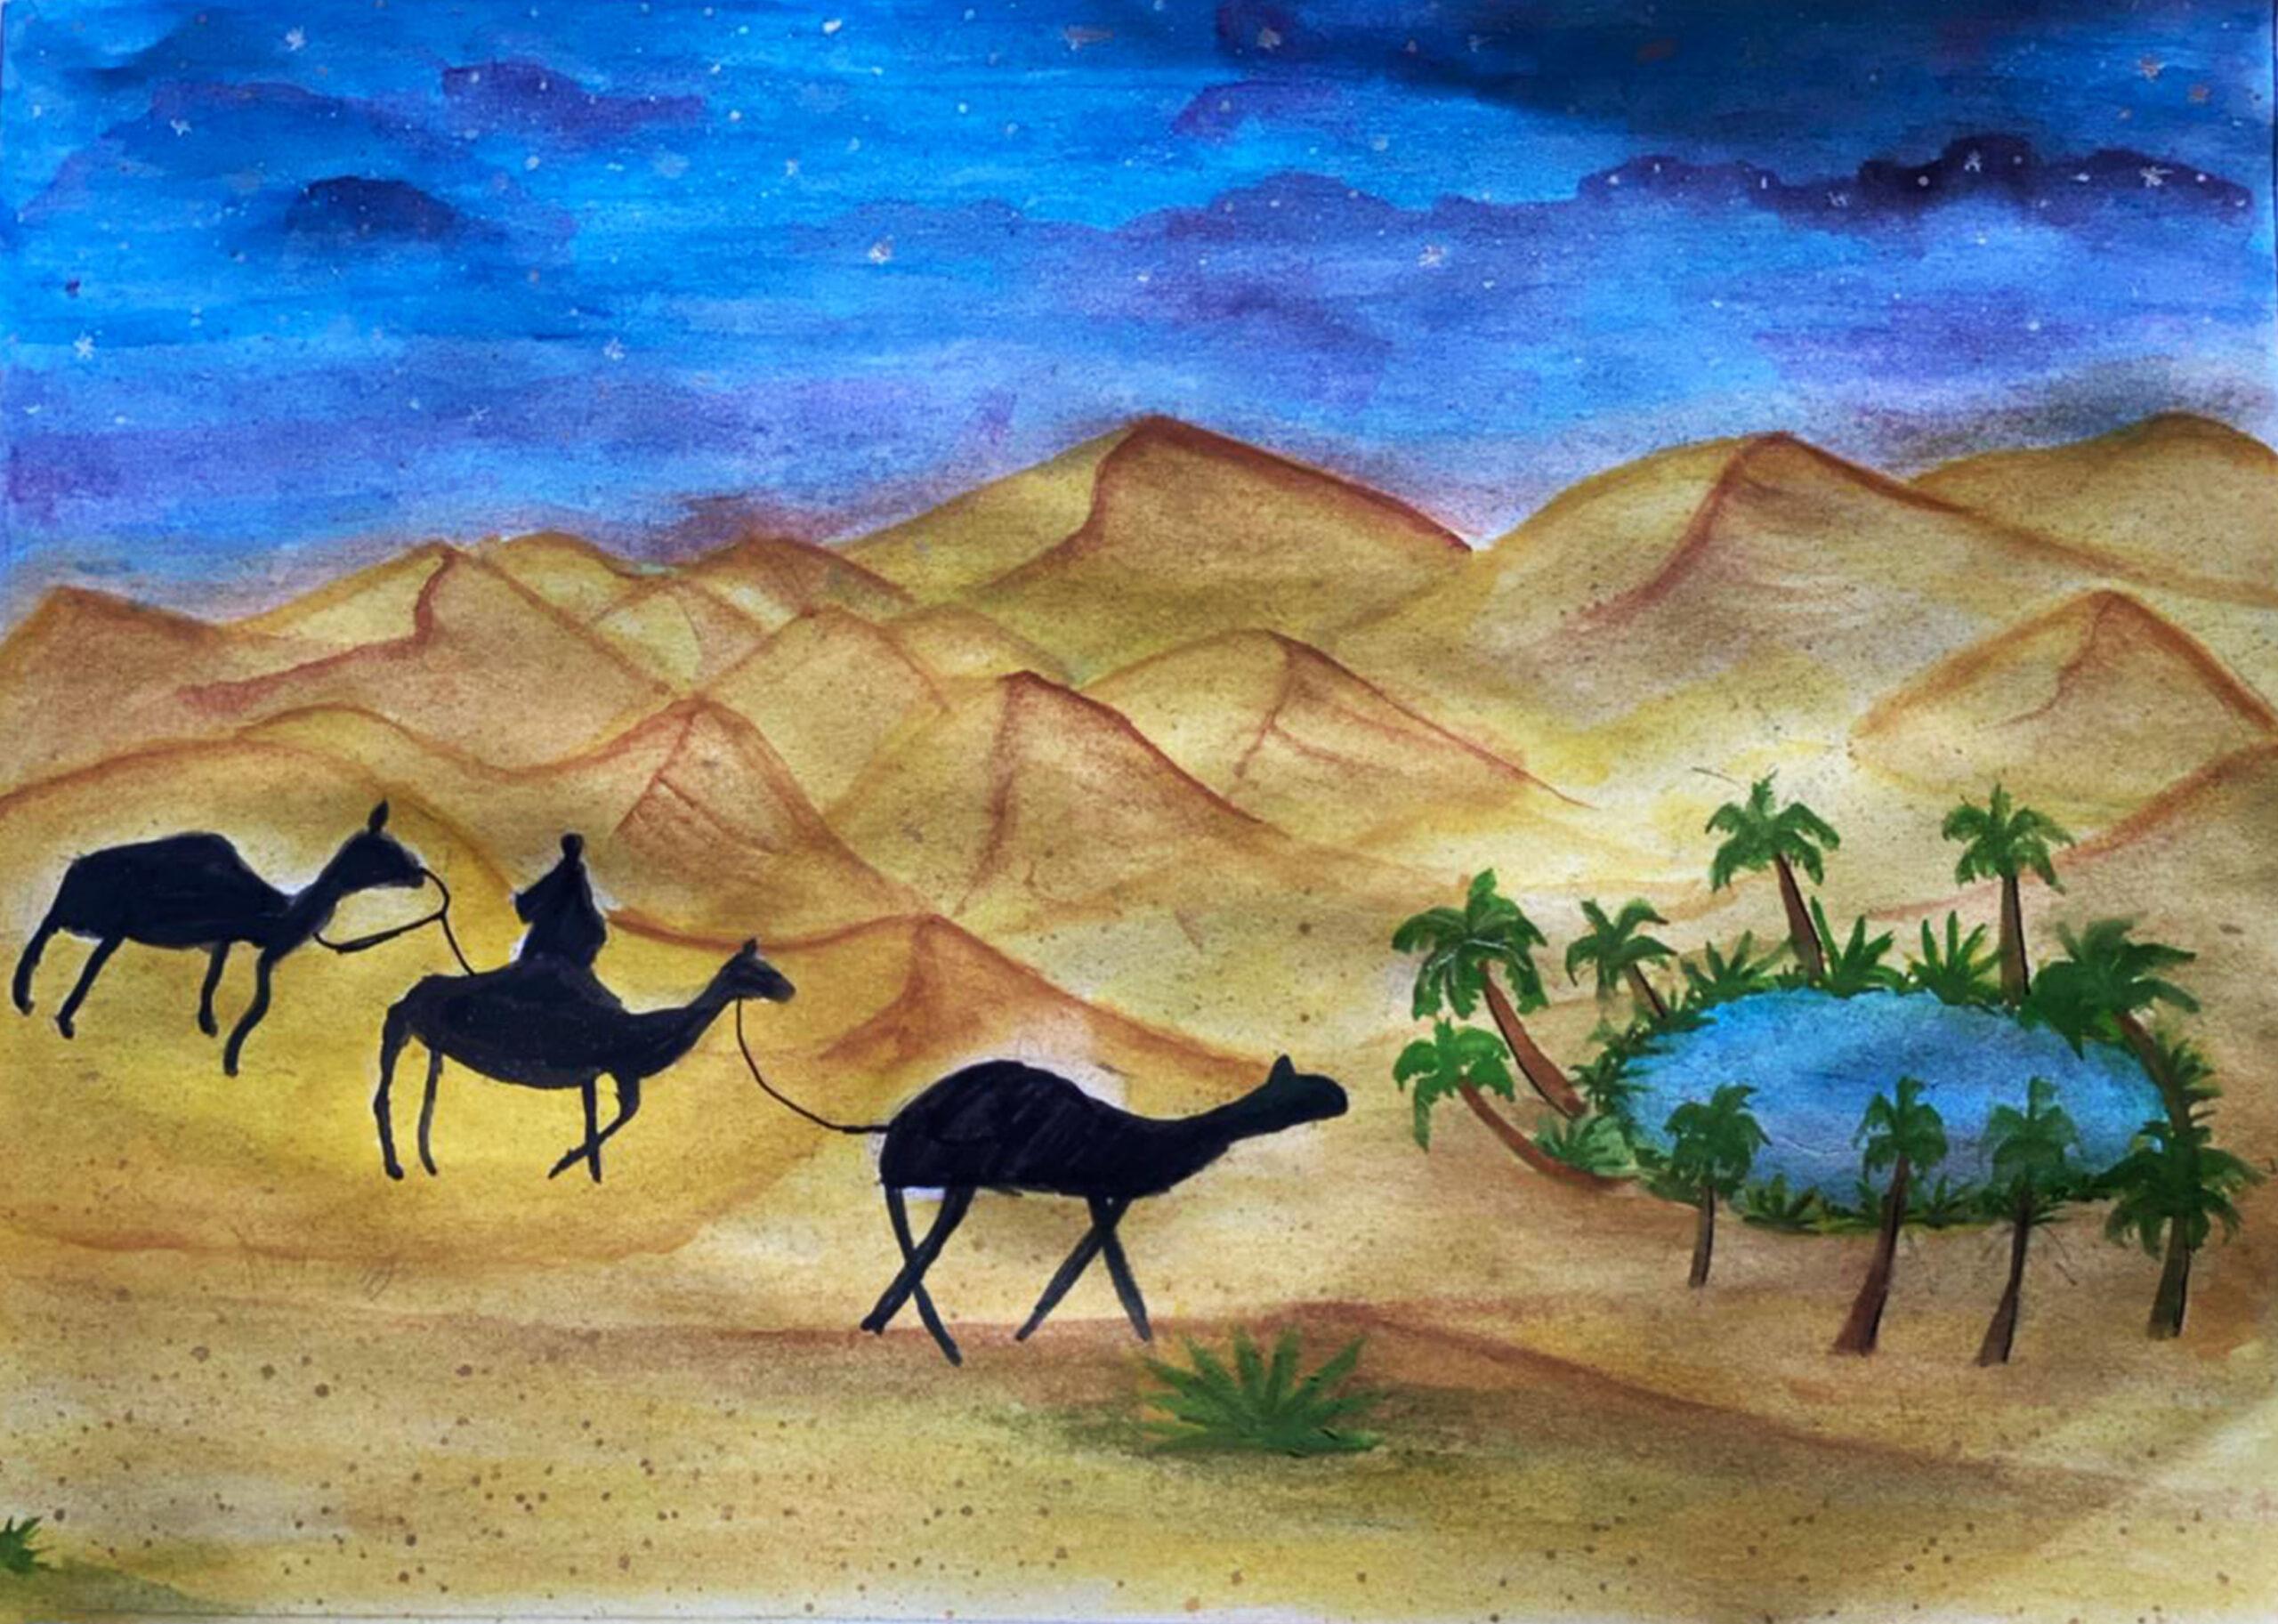 Nature's Beauty by Saharsha Rajeshbabu